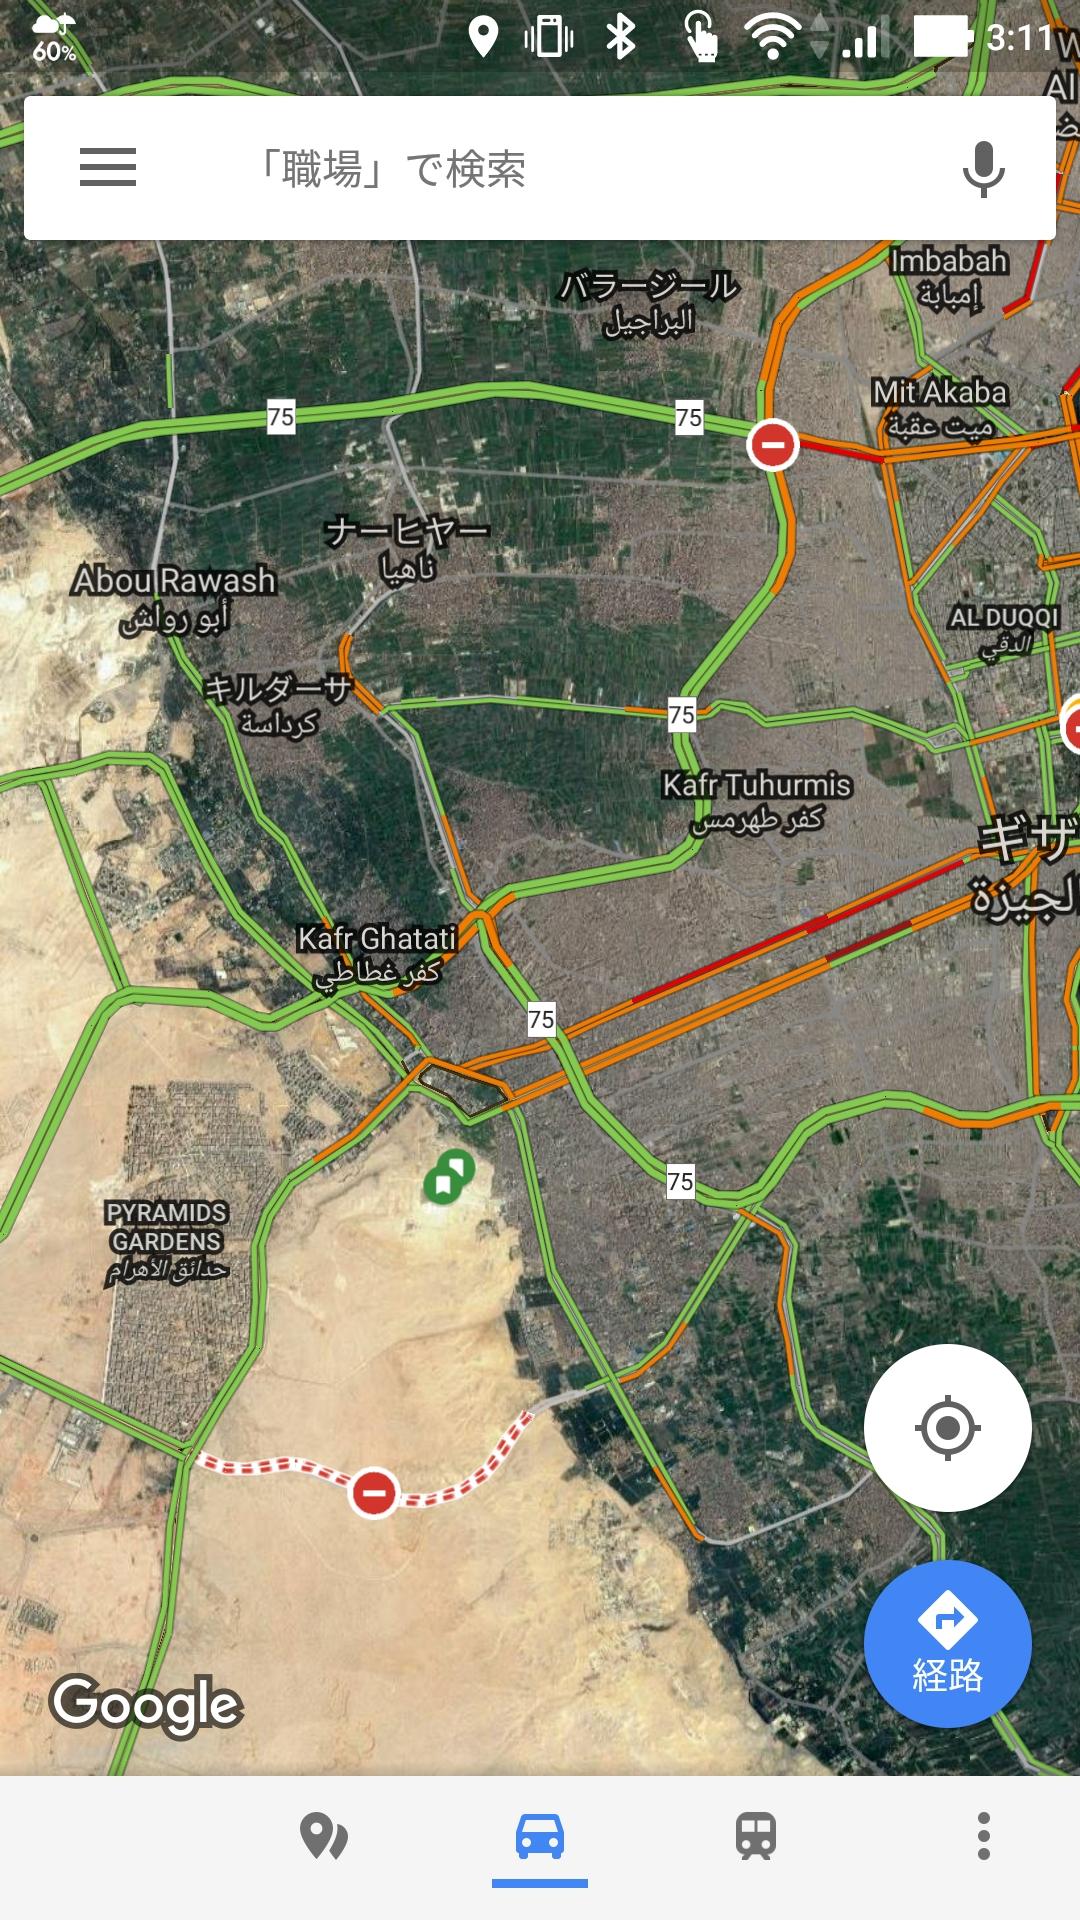 エジプトの道路交通状況を表示してみました